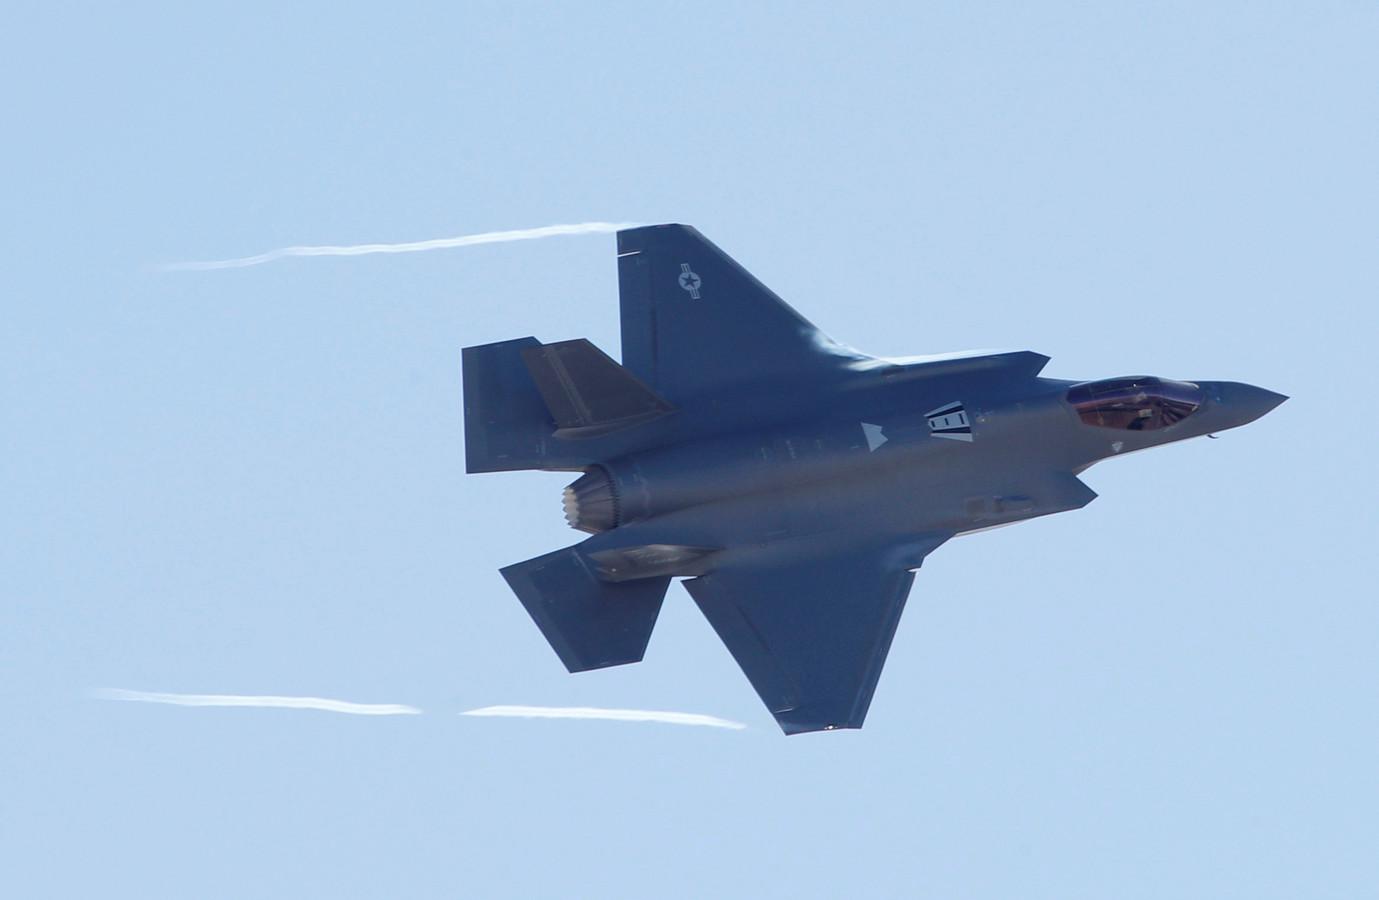 Een F35, het type vliegtuig dat onder andere over de Peel zal gaan vliegen